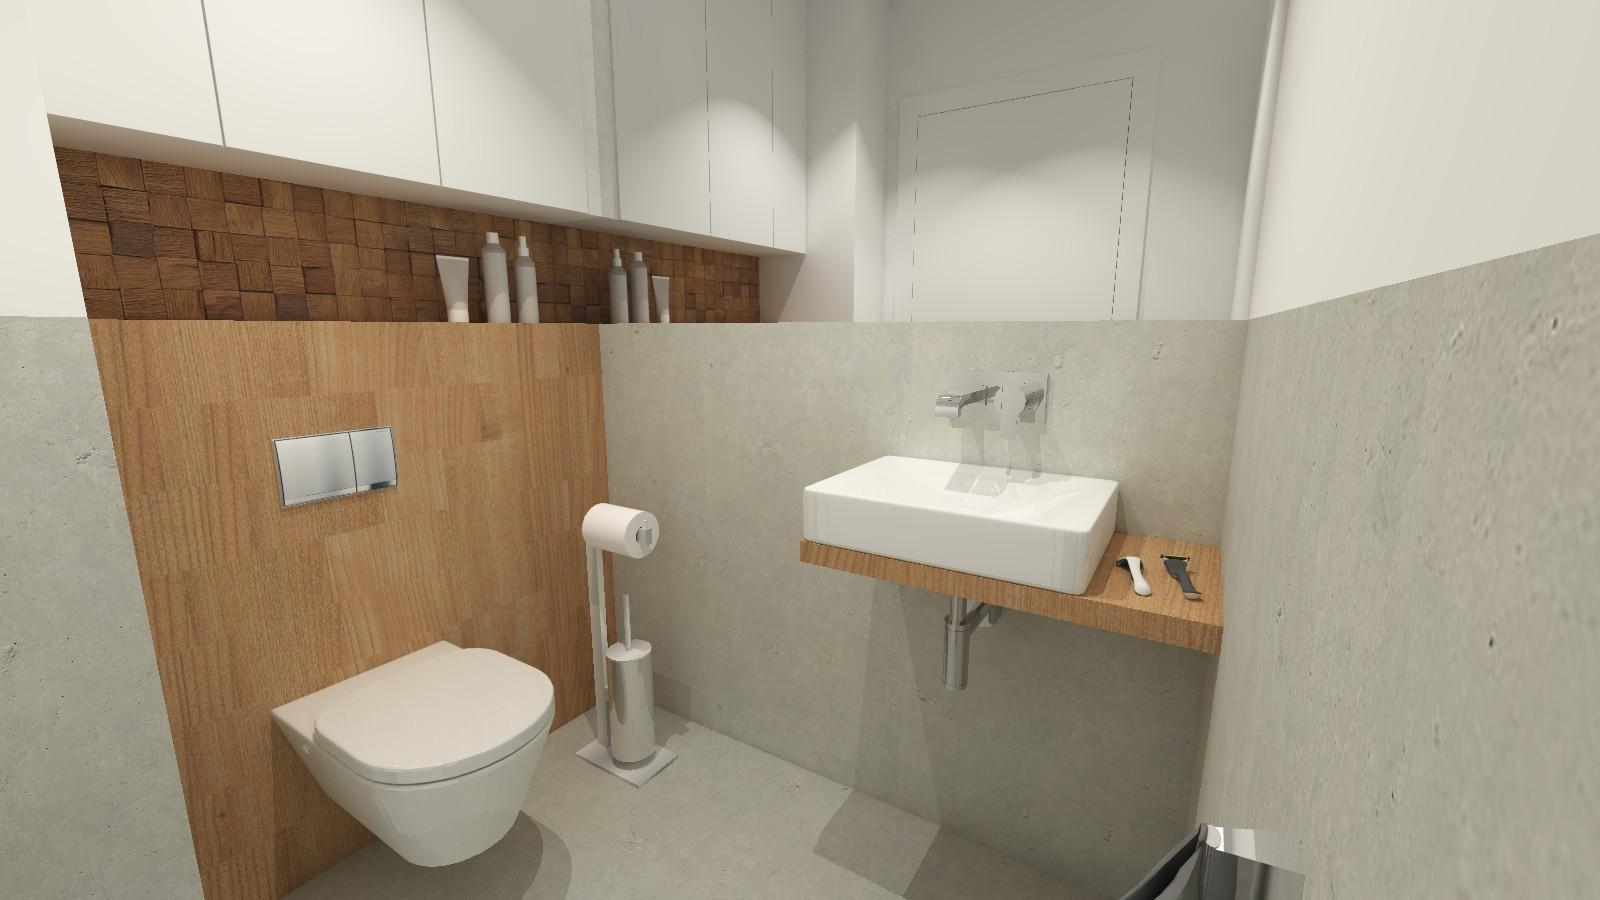 prosta-toaleta-bialo-szaro-drewniana